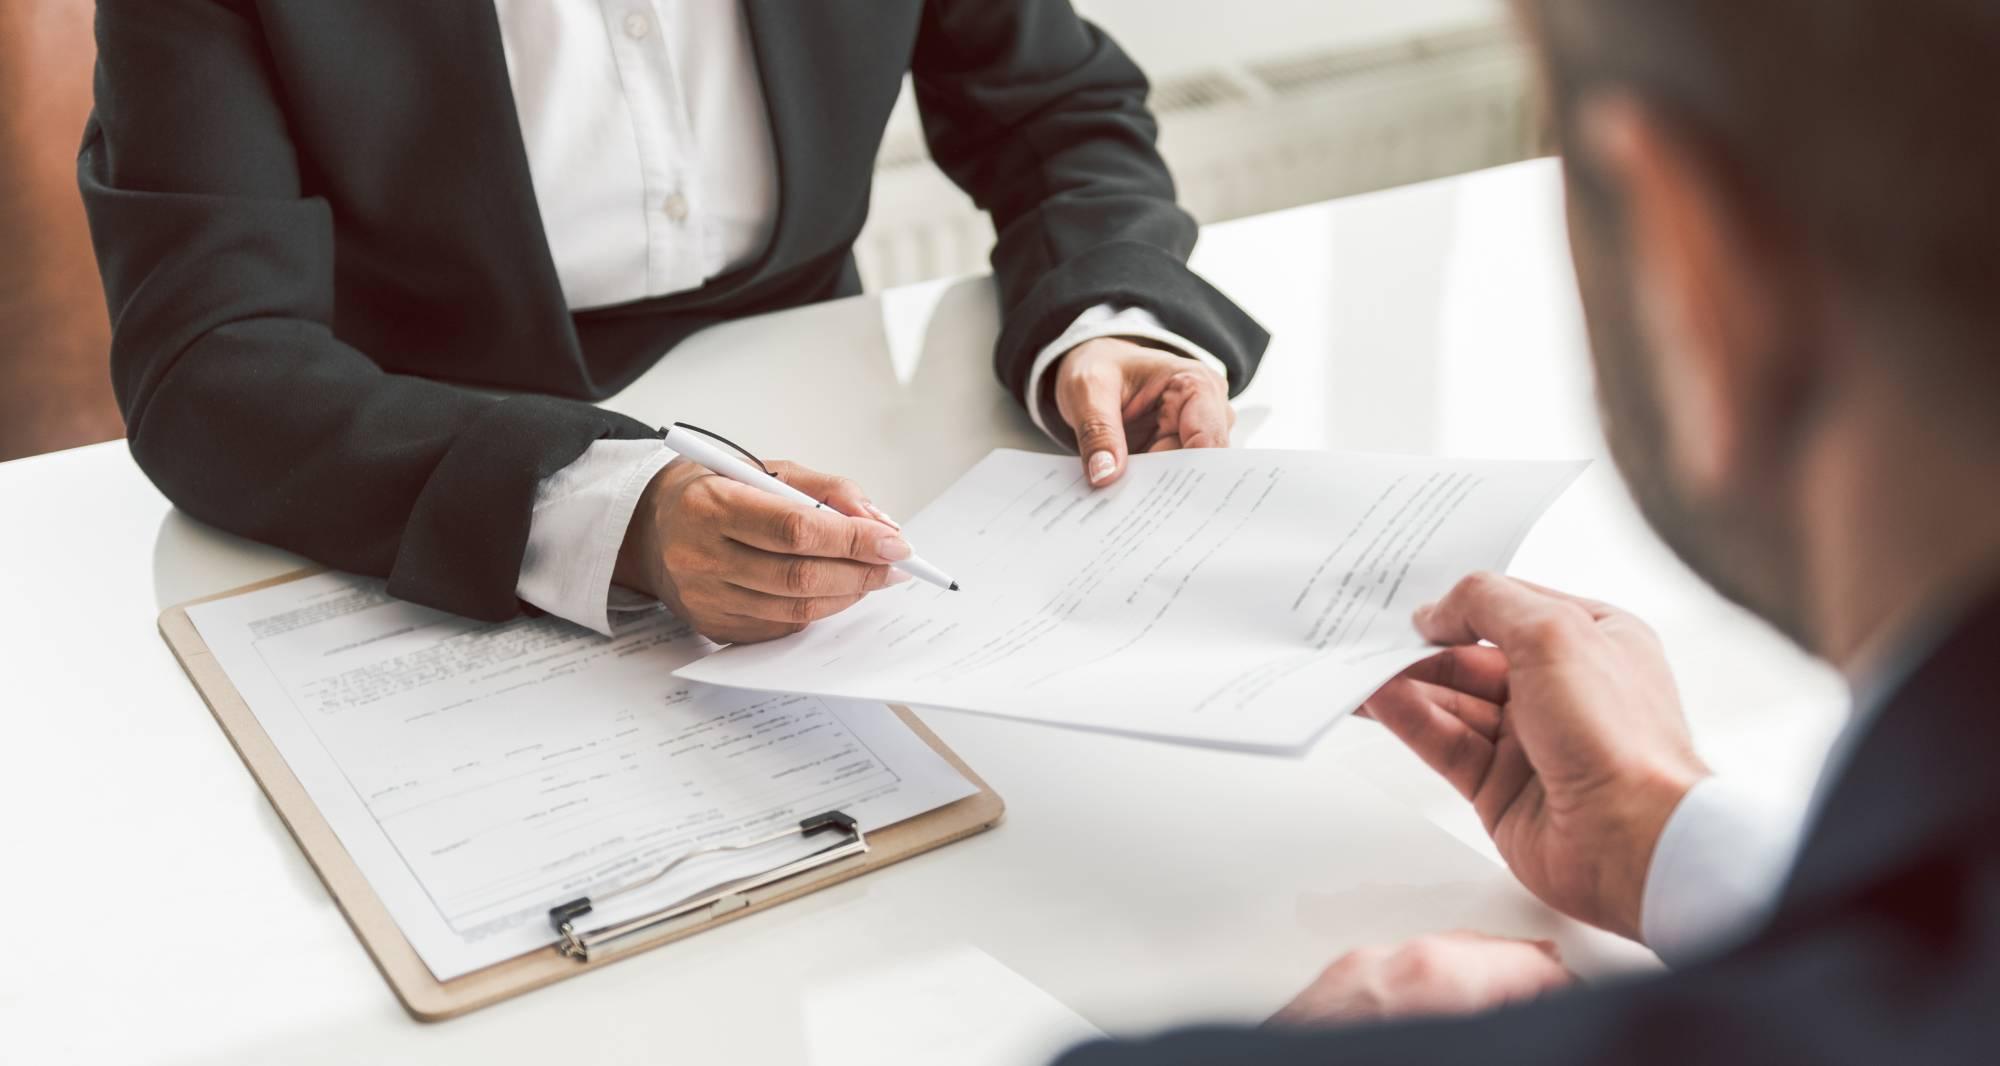 Quelles sont les obligations de l'assureur envers l'assuré à la Réunion ?